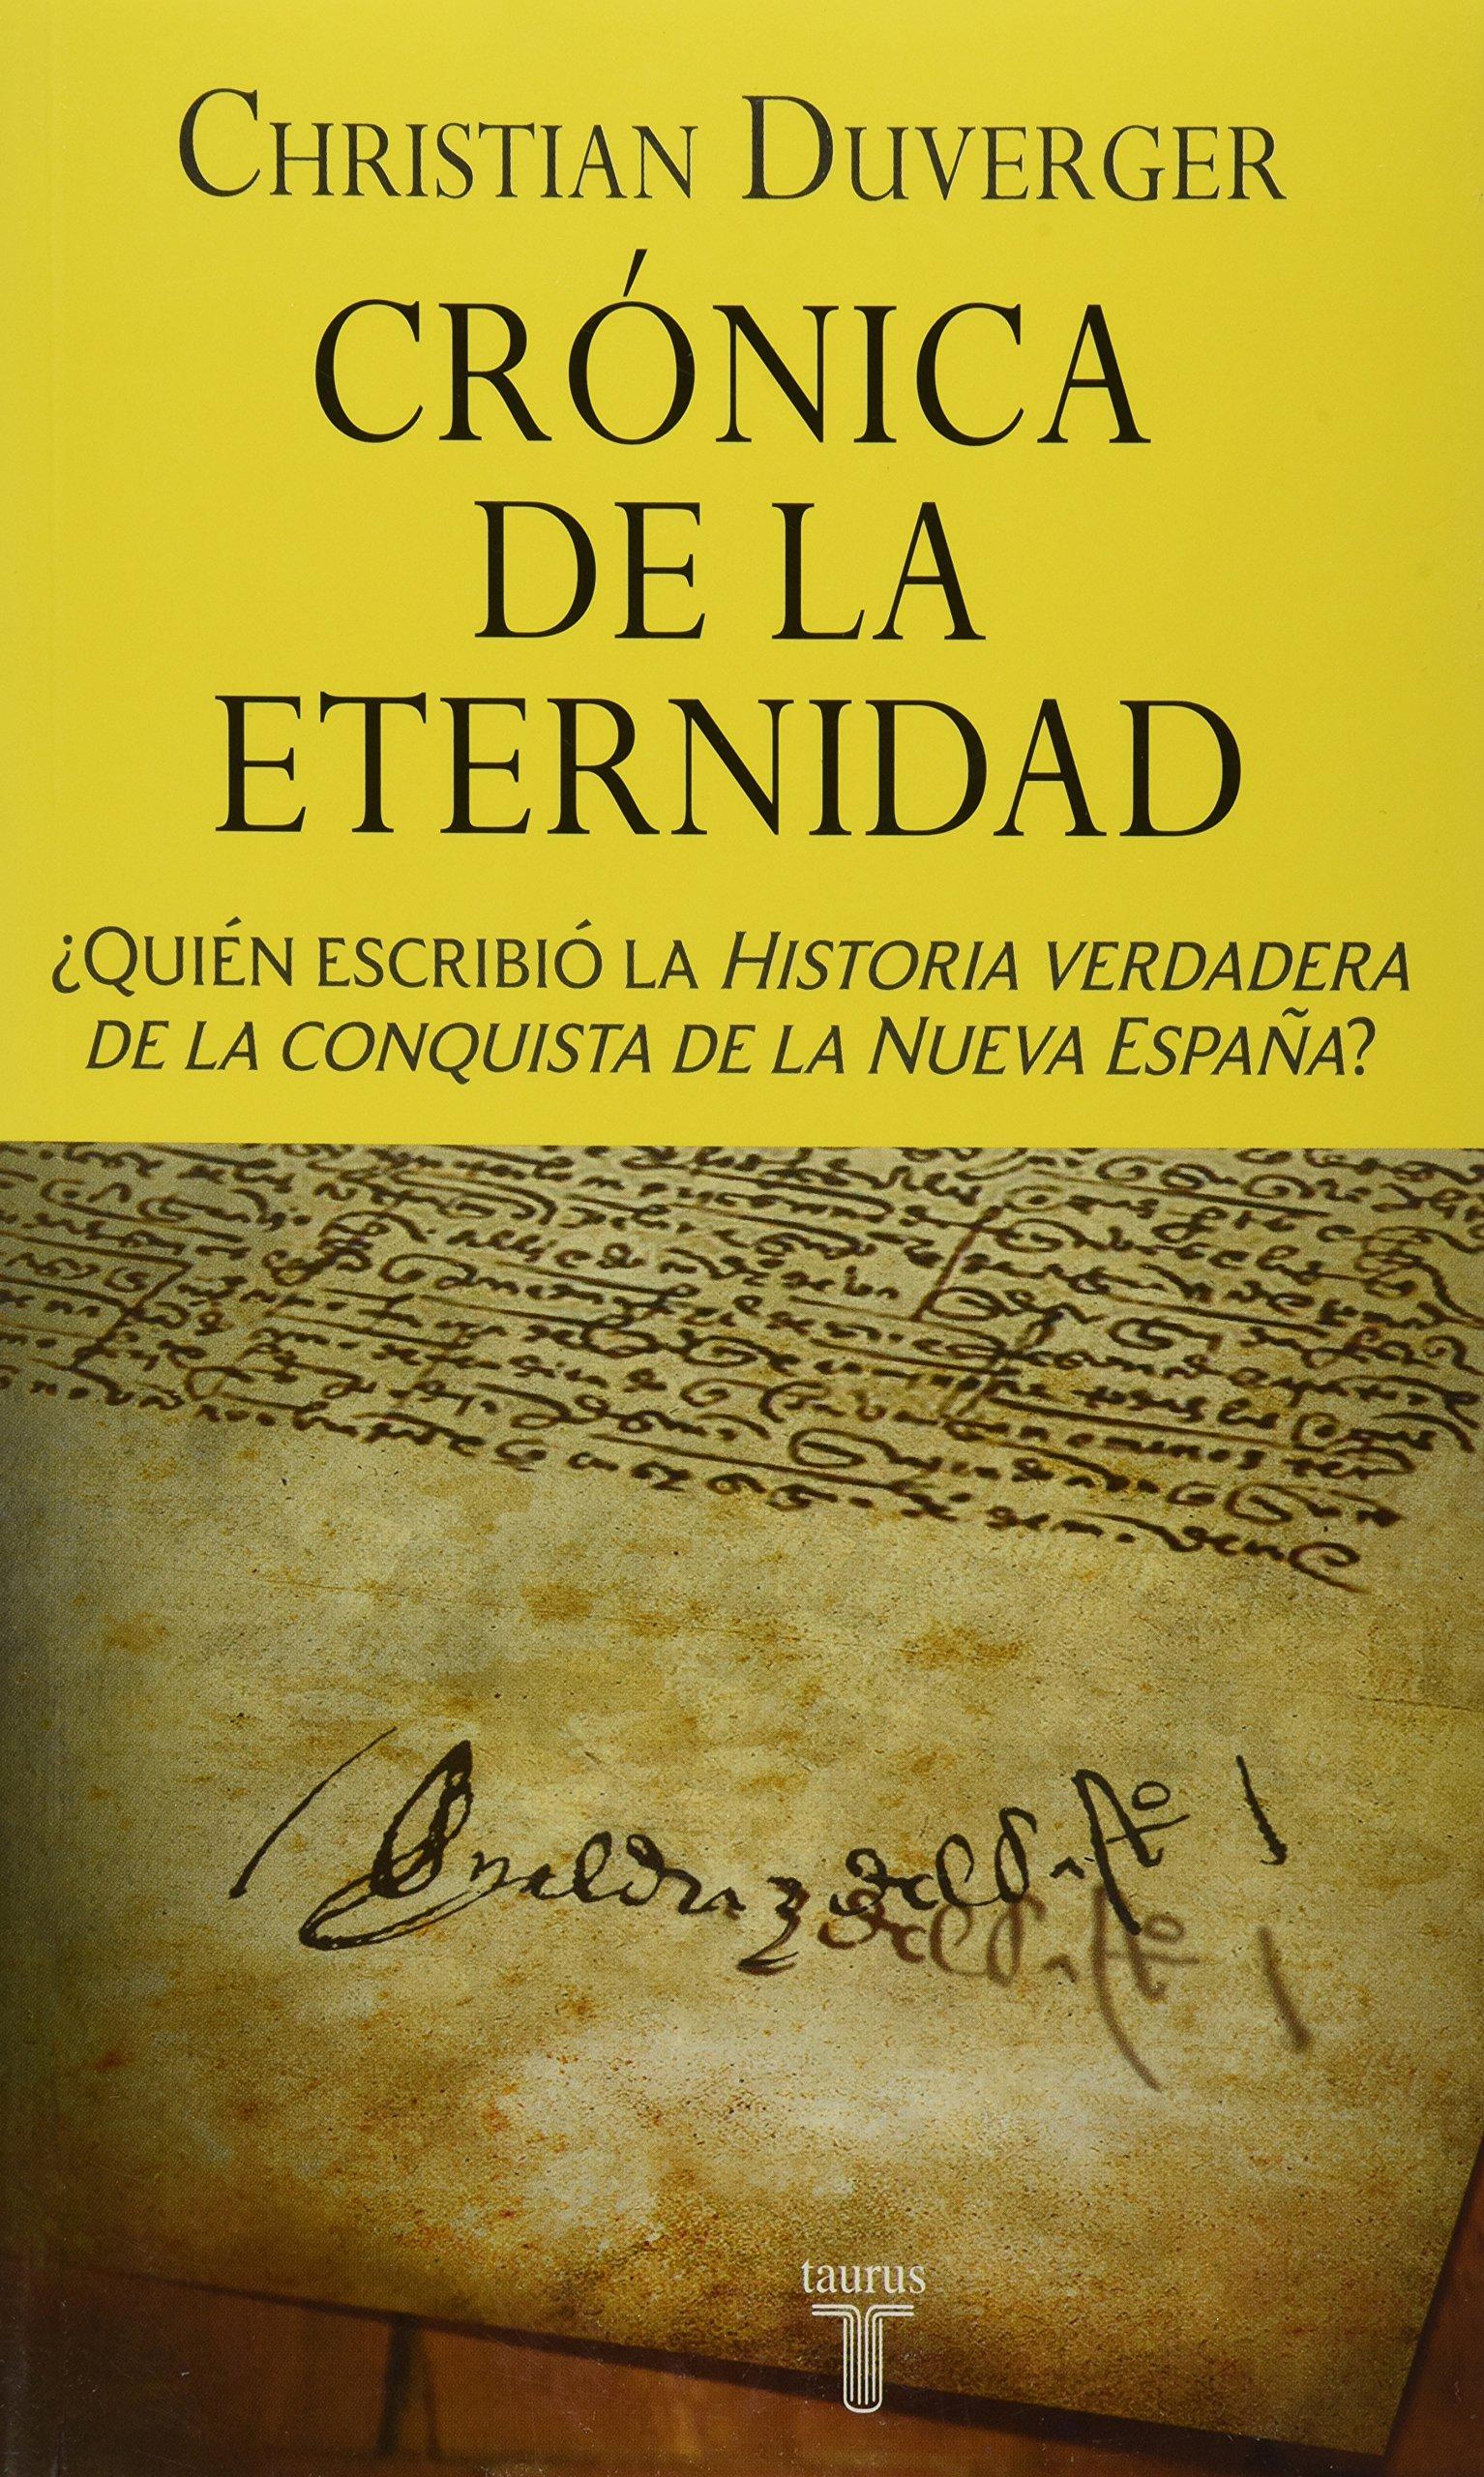 Crónica de la eternidad. ¿Quién escribió la Historia verdadera de la conquista de la Nueva España?: Amazon.es: Duverger, Christian: Libros